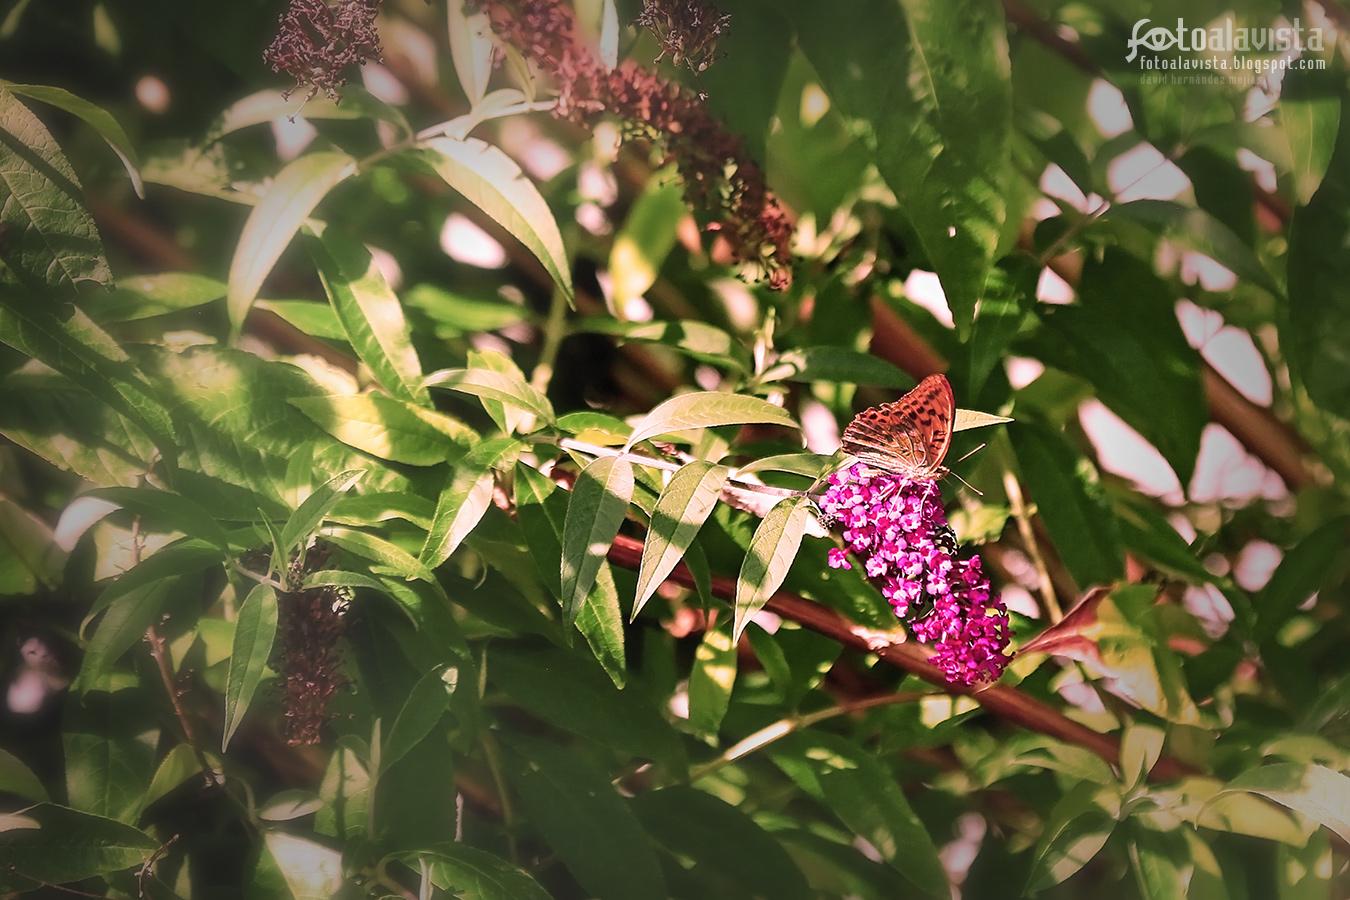 Mariposa perfumándose - Fotografía